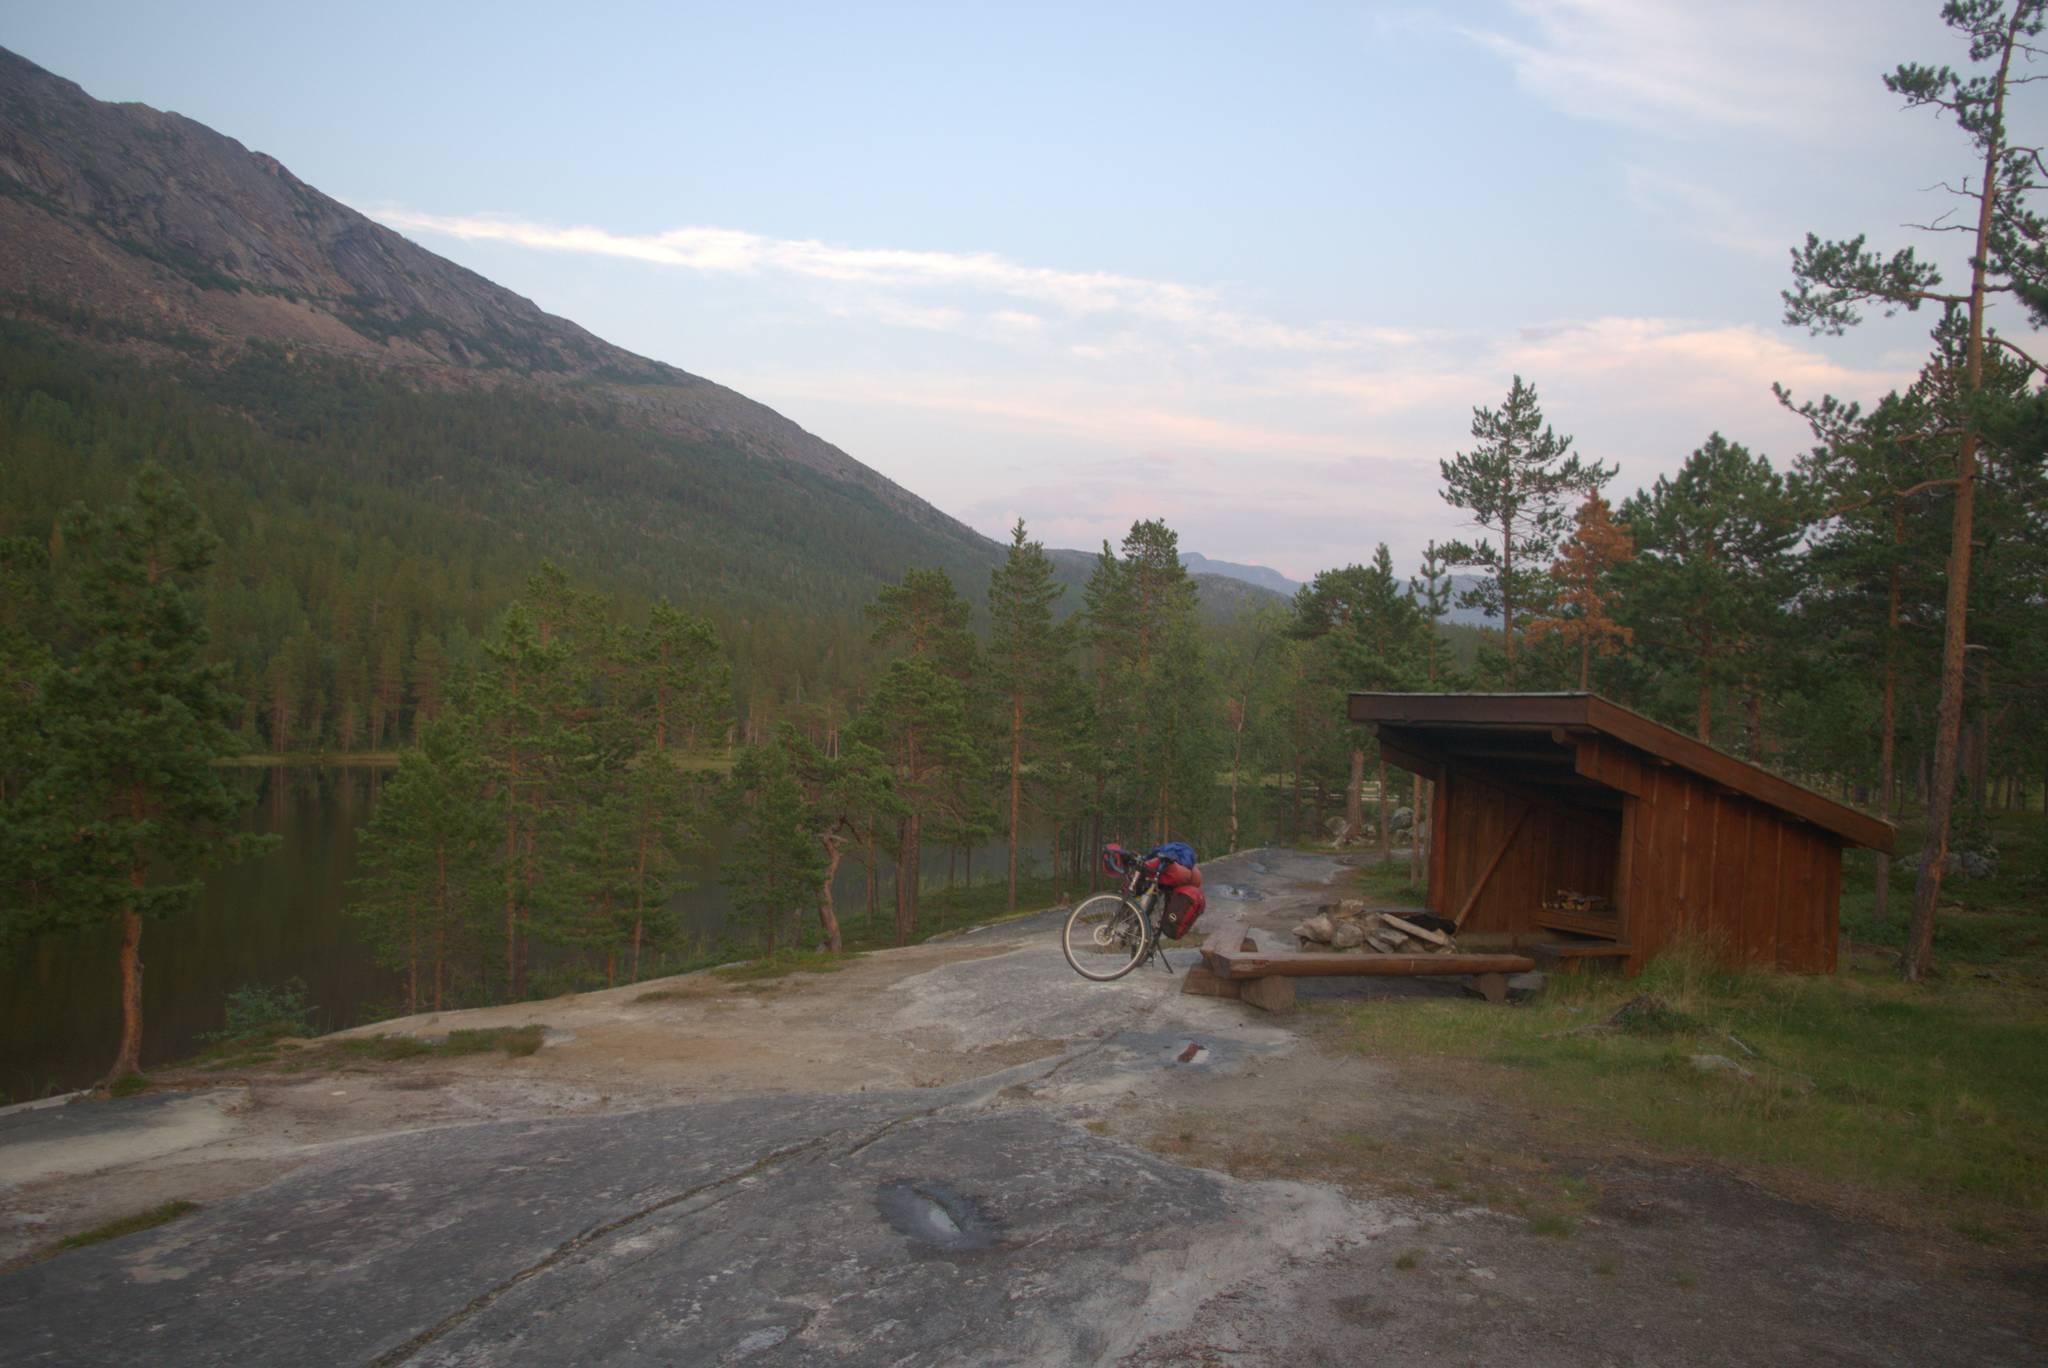 Za to w drodze na Saltfjellet trafiło się coś o wiele ciekawszego. Legowisko, trochę suchych szczapek, gazeta na rozpałkę i parę gwoździ do suszenia ubrań, idealne miejsce dla leniwego rowerzysty.